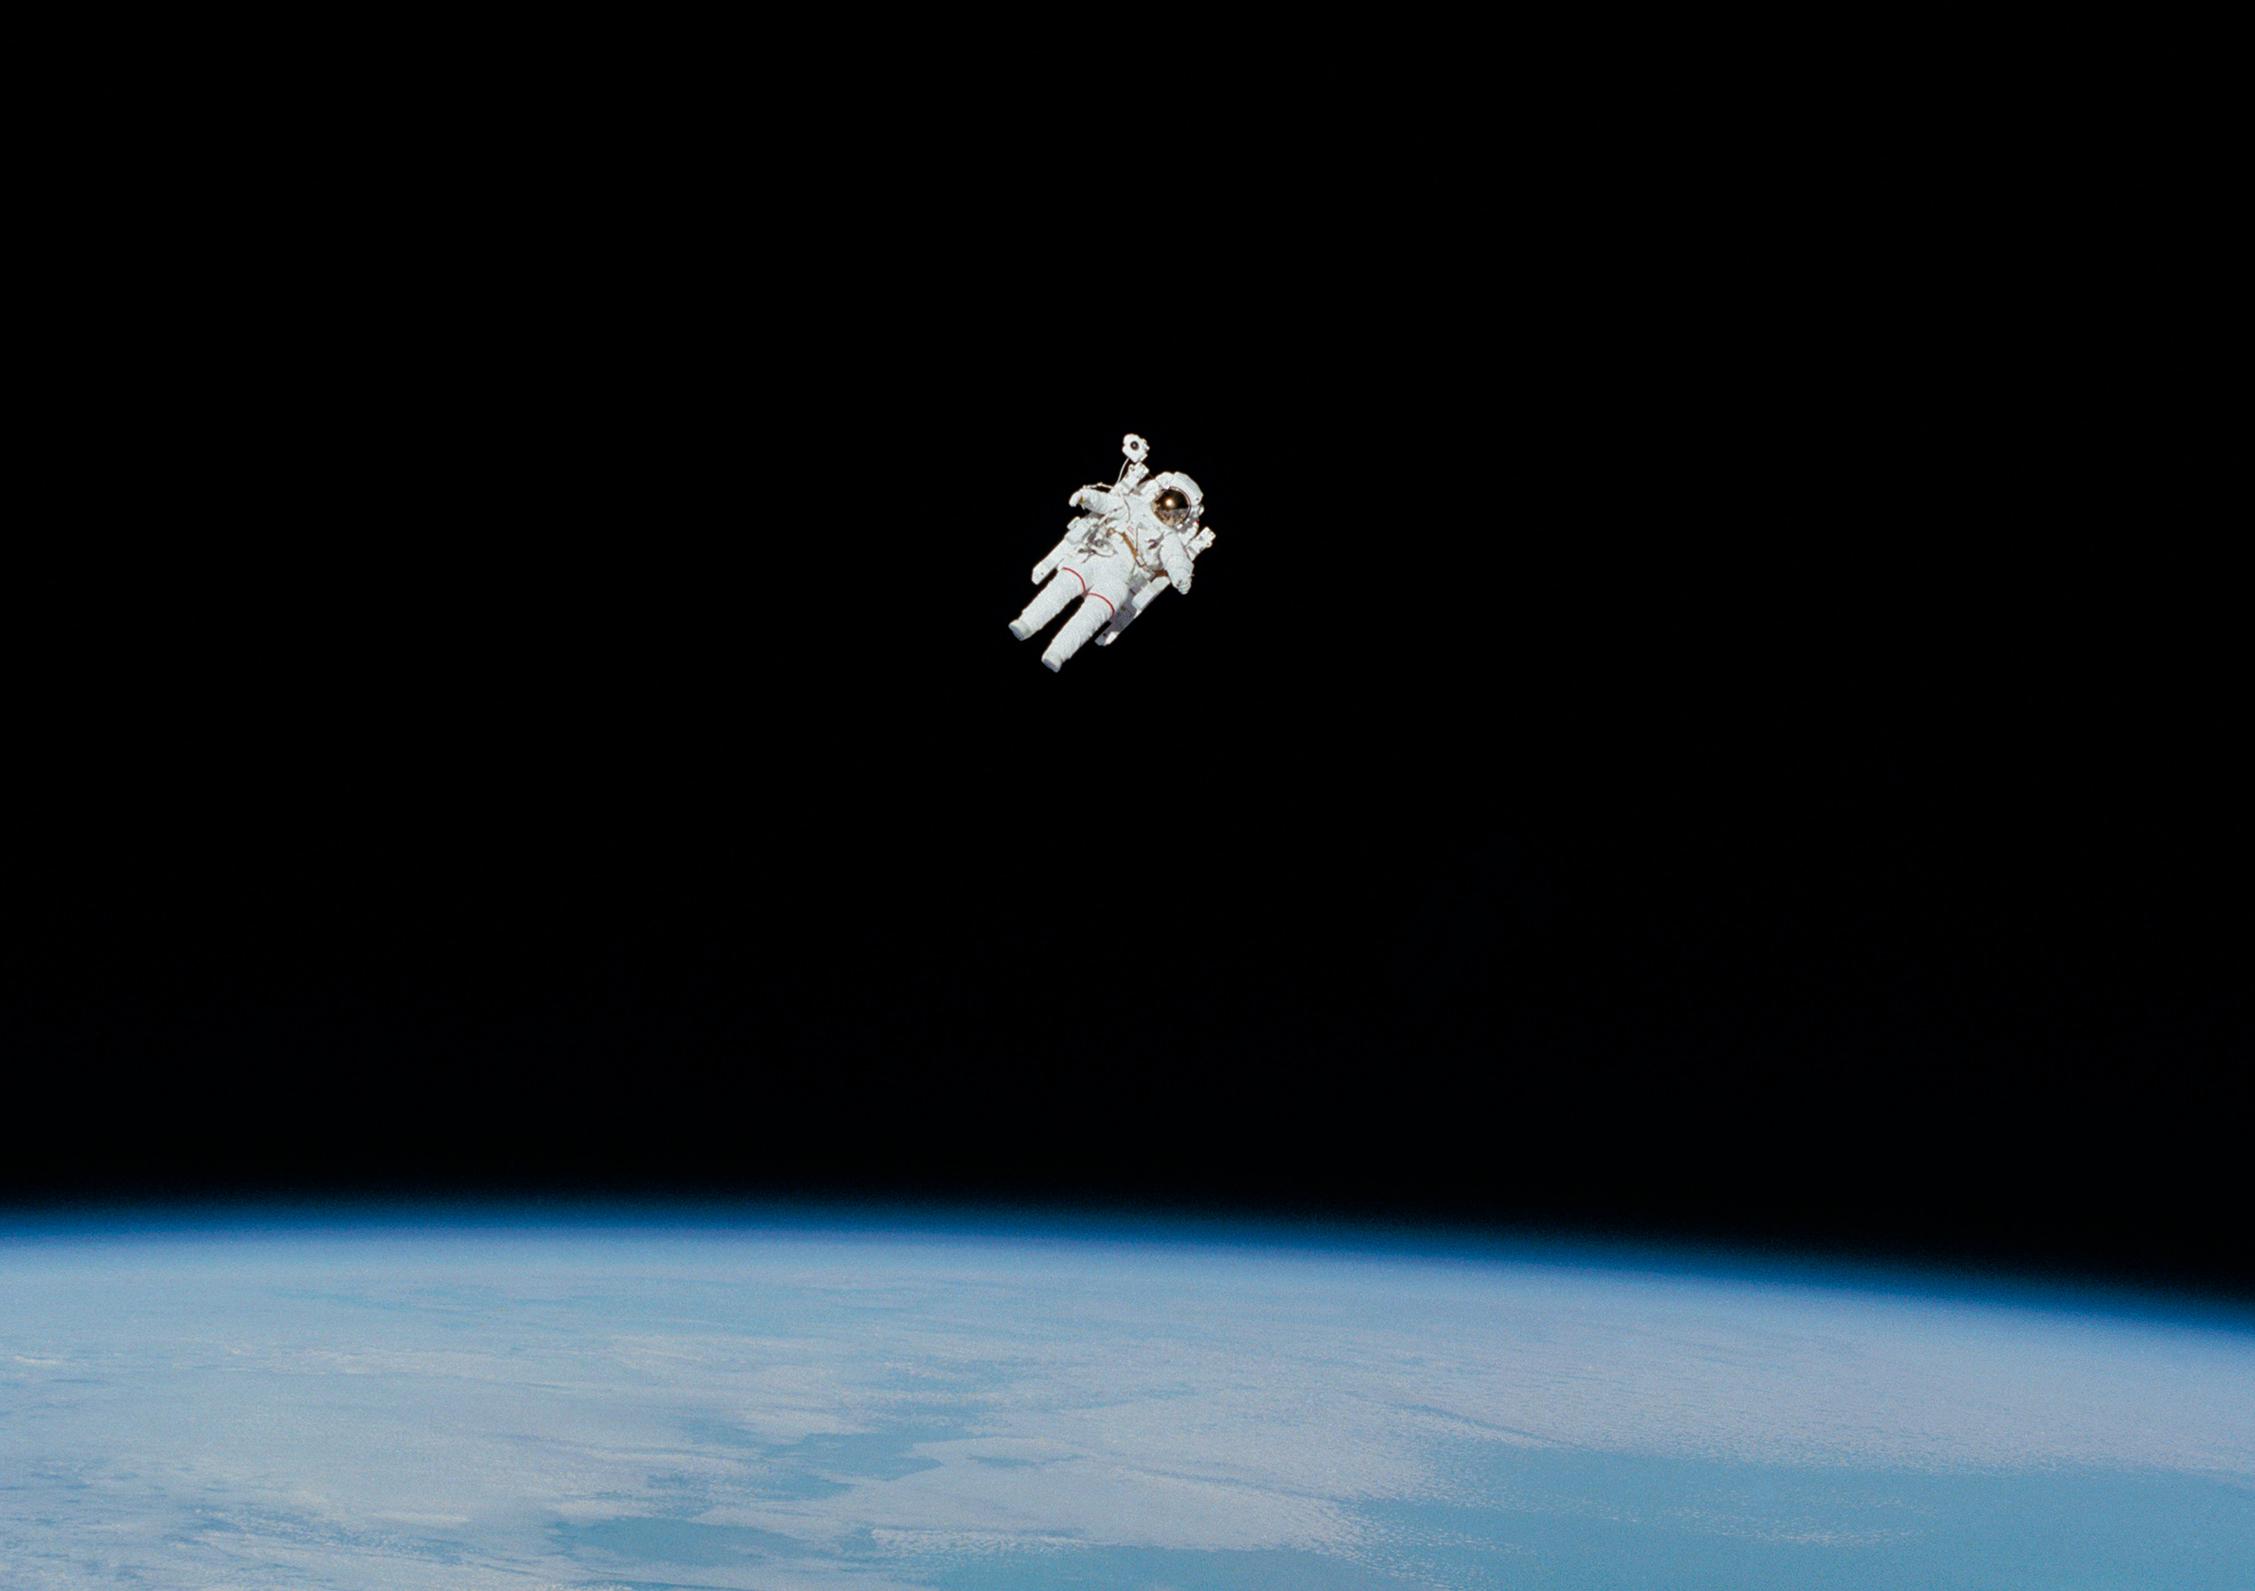 Un astronaute en orbite autour de la Terre